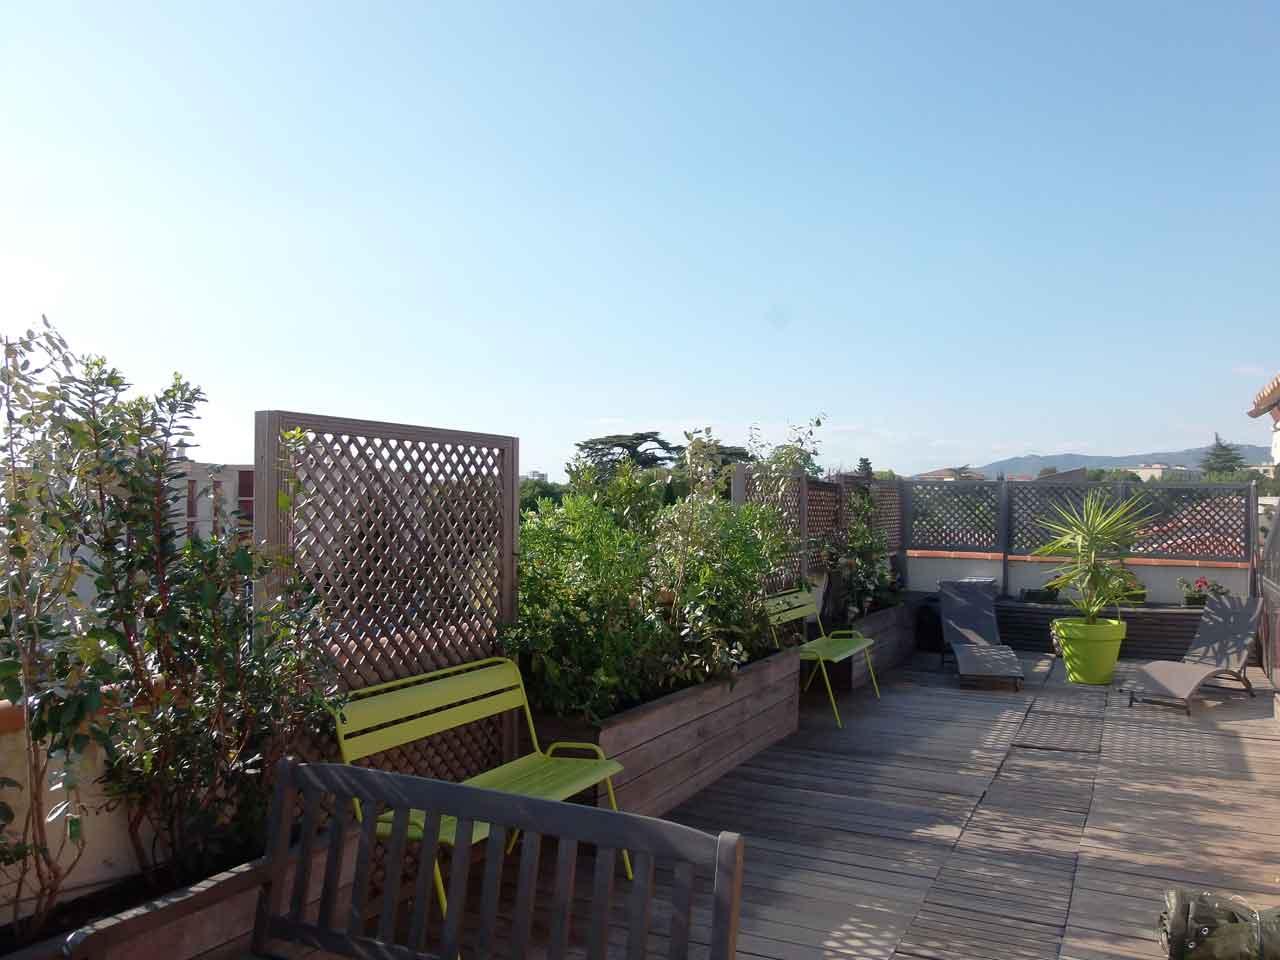 Paysagiste marseille lulu jardine - Terrasse jardin londrina quadra marseille ...